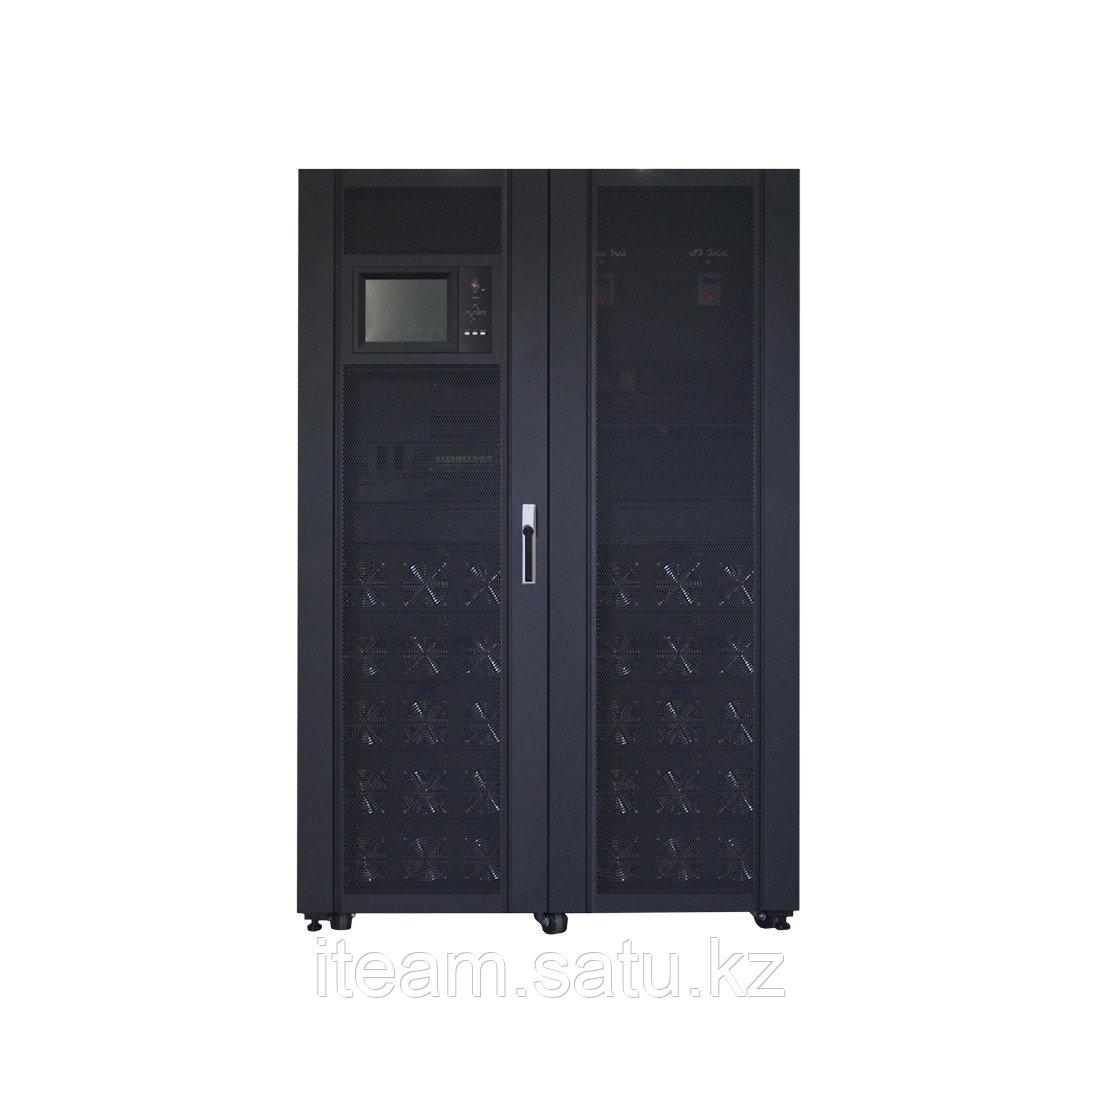 Модульный ИБП SVC RM300/50X  300кВа/270кВт